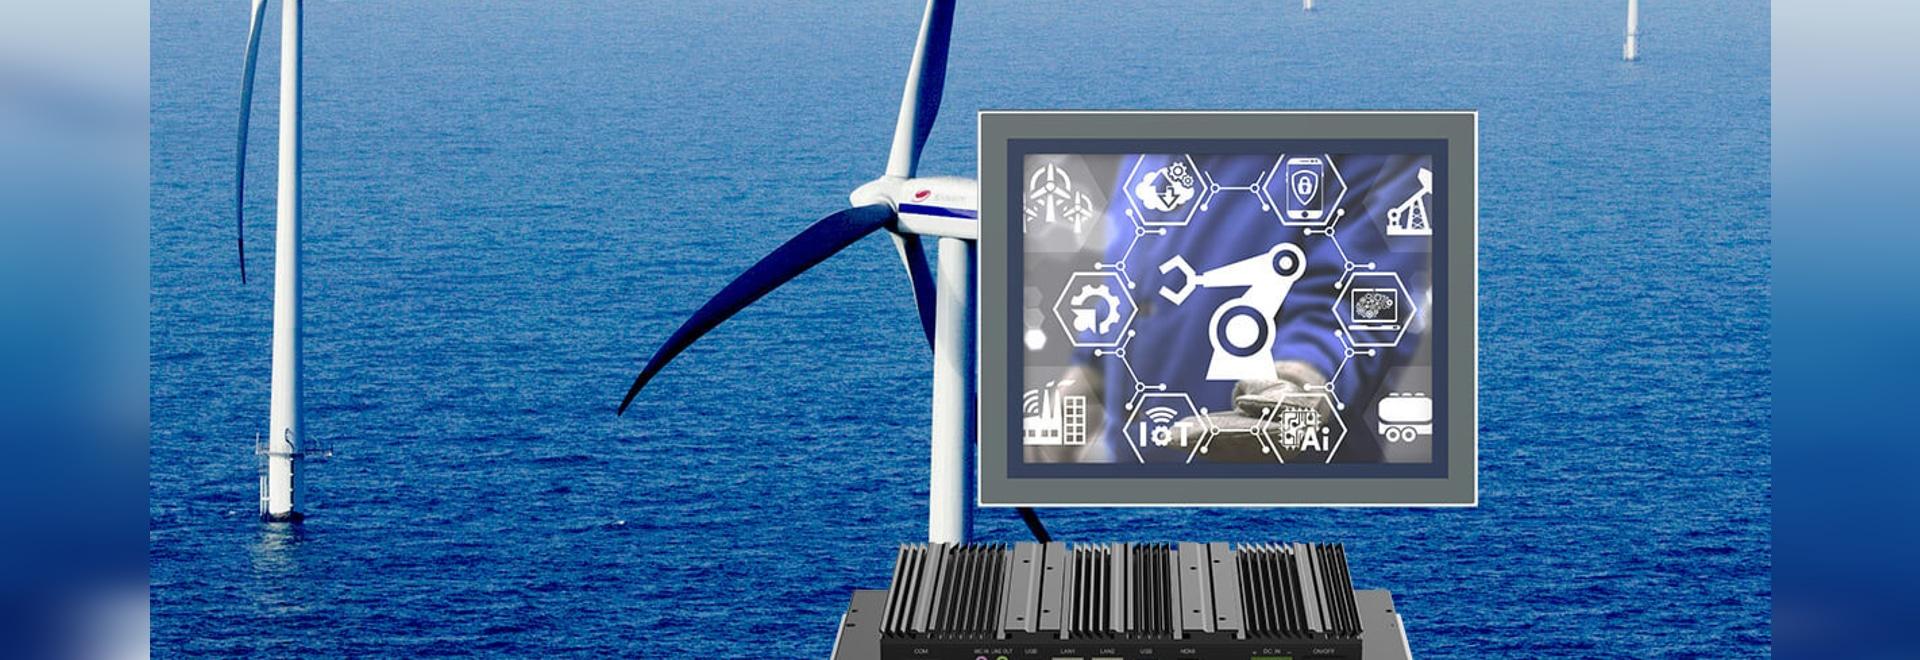 Panel PC industriel pour l'application de production d'énergie éolienne